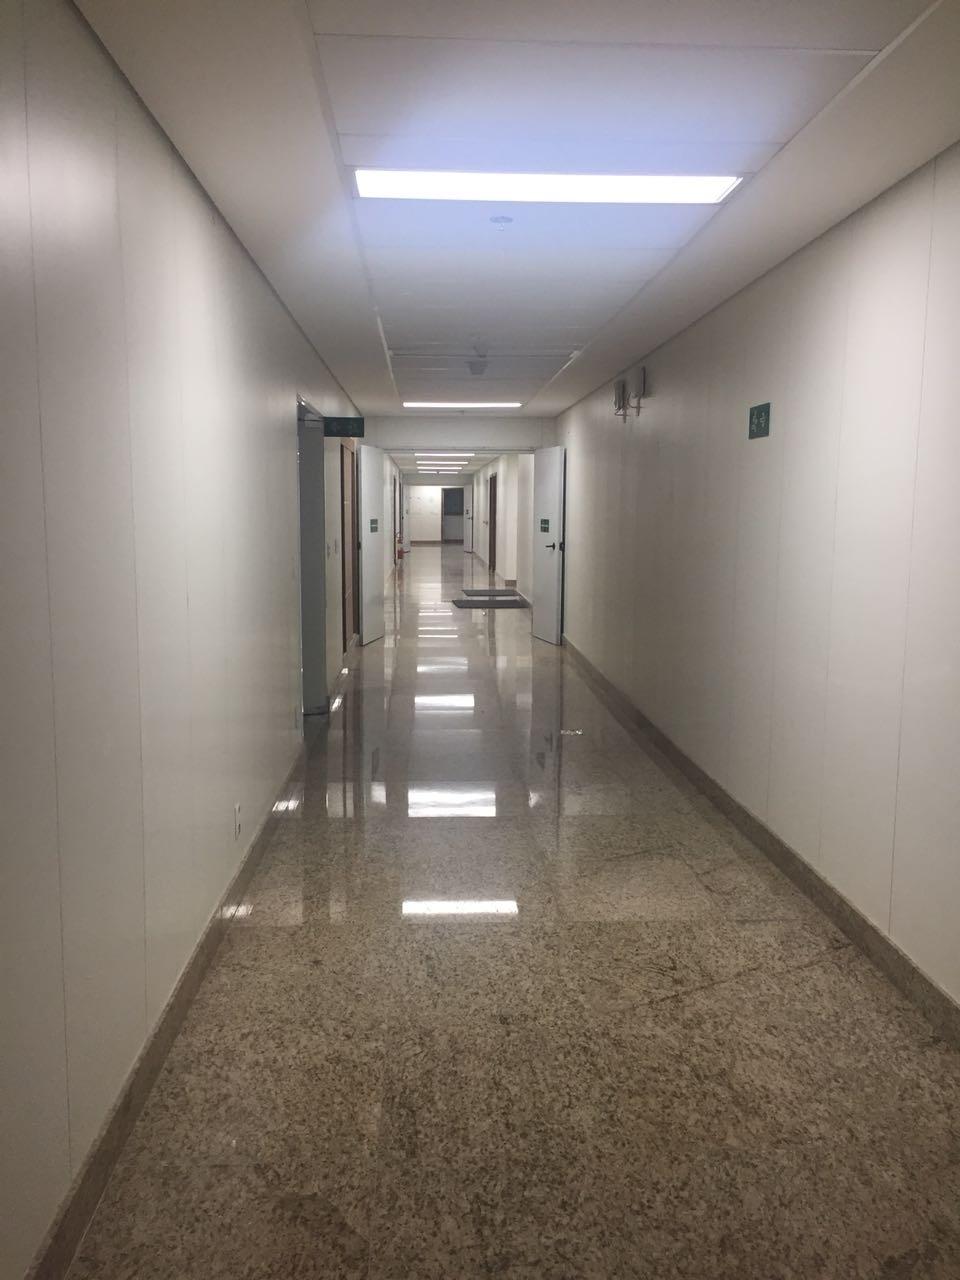 Corredor hospital Neymar 16º andar